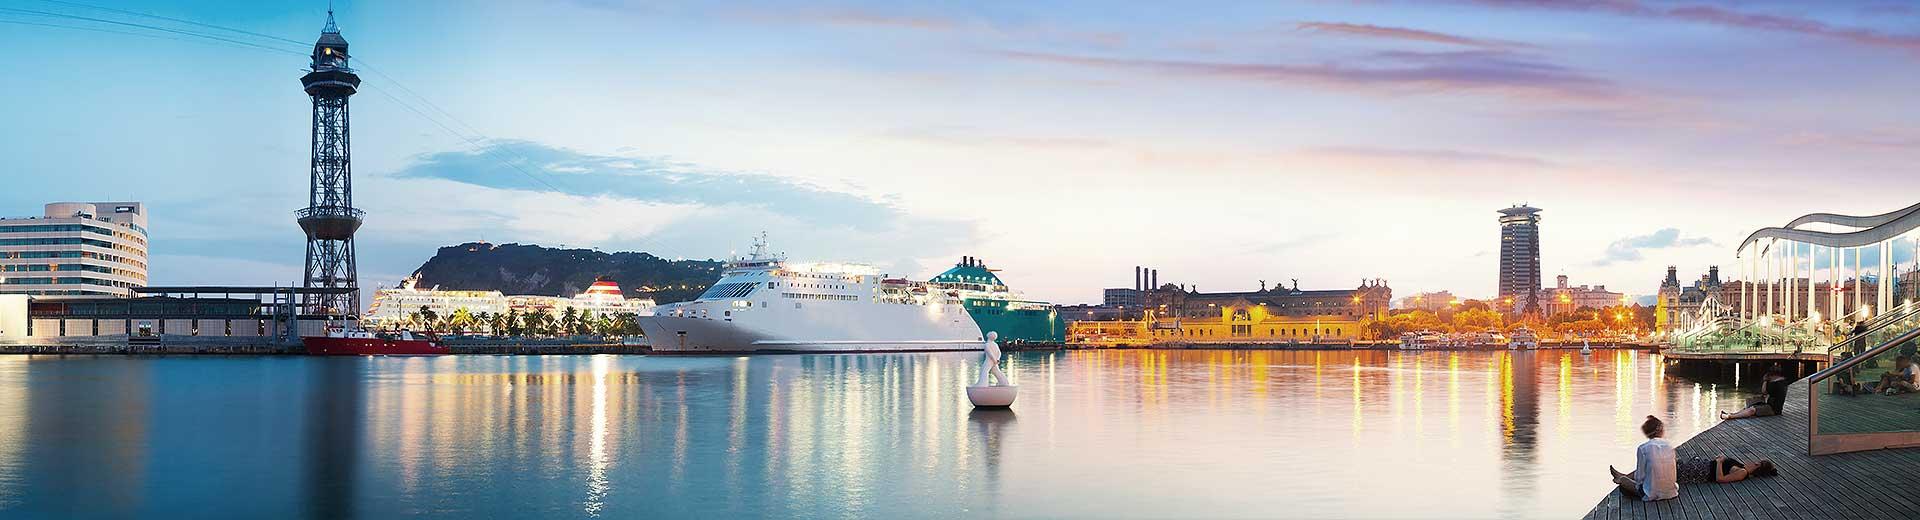 Voyages en groupe Barcelone - offre Economique